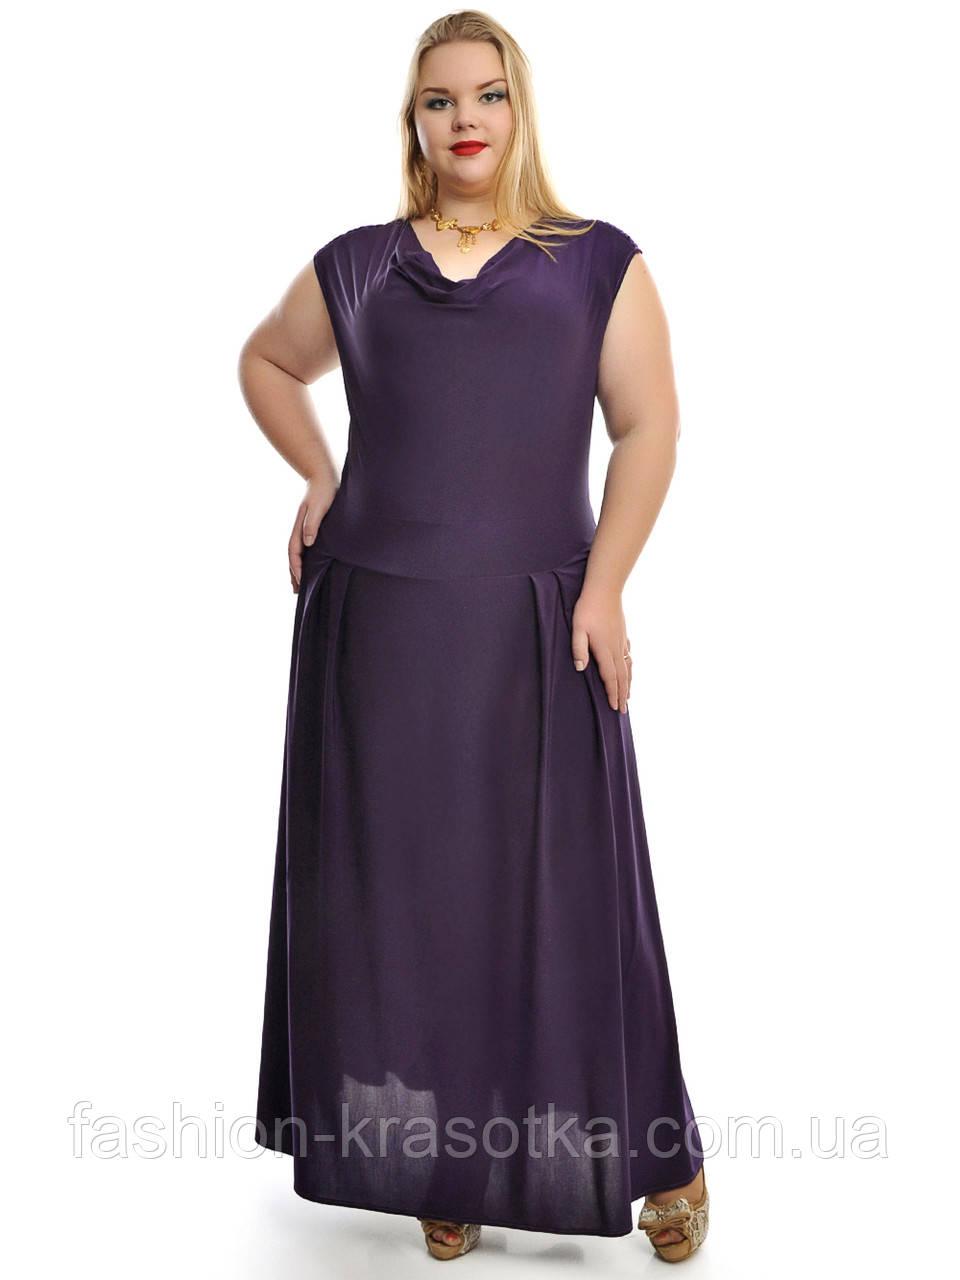 Платье в пол ,чуть спущенный рукав и на плече драпированная кокетка ,модель ДК 652